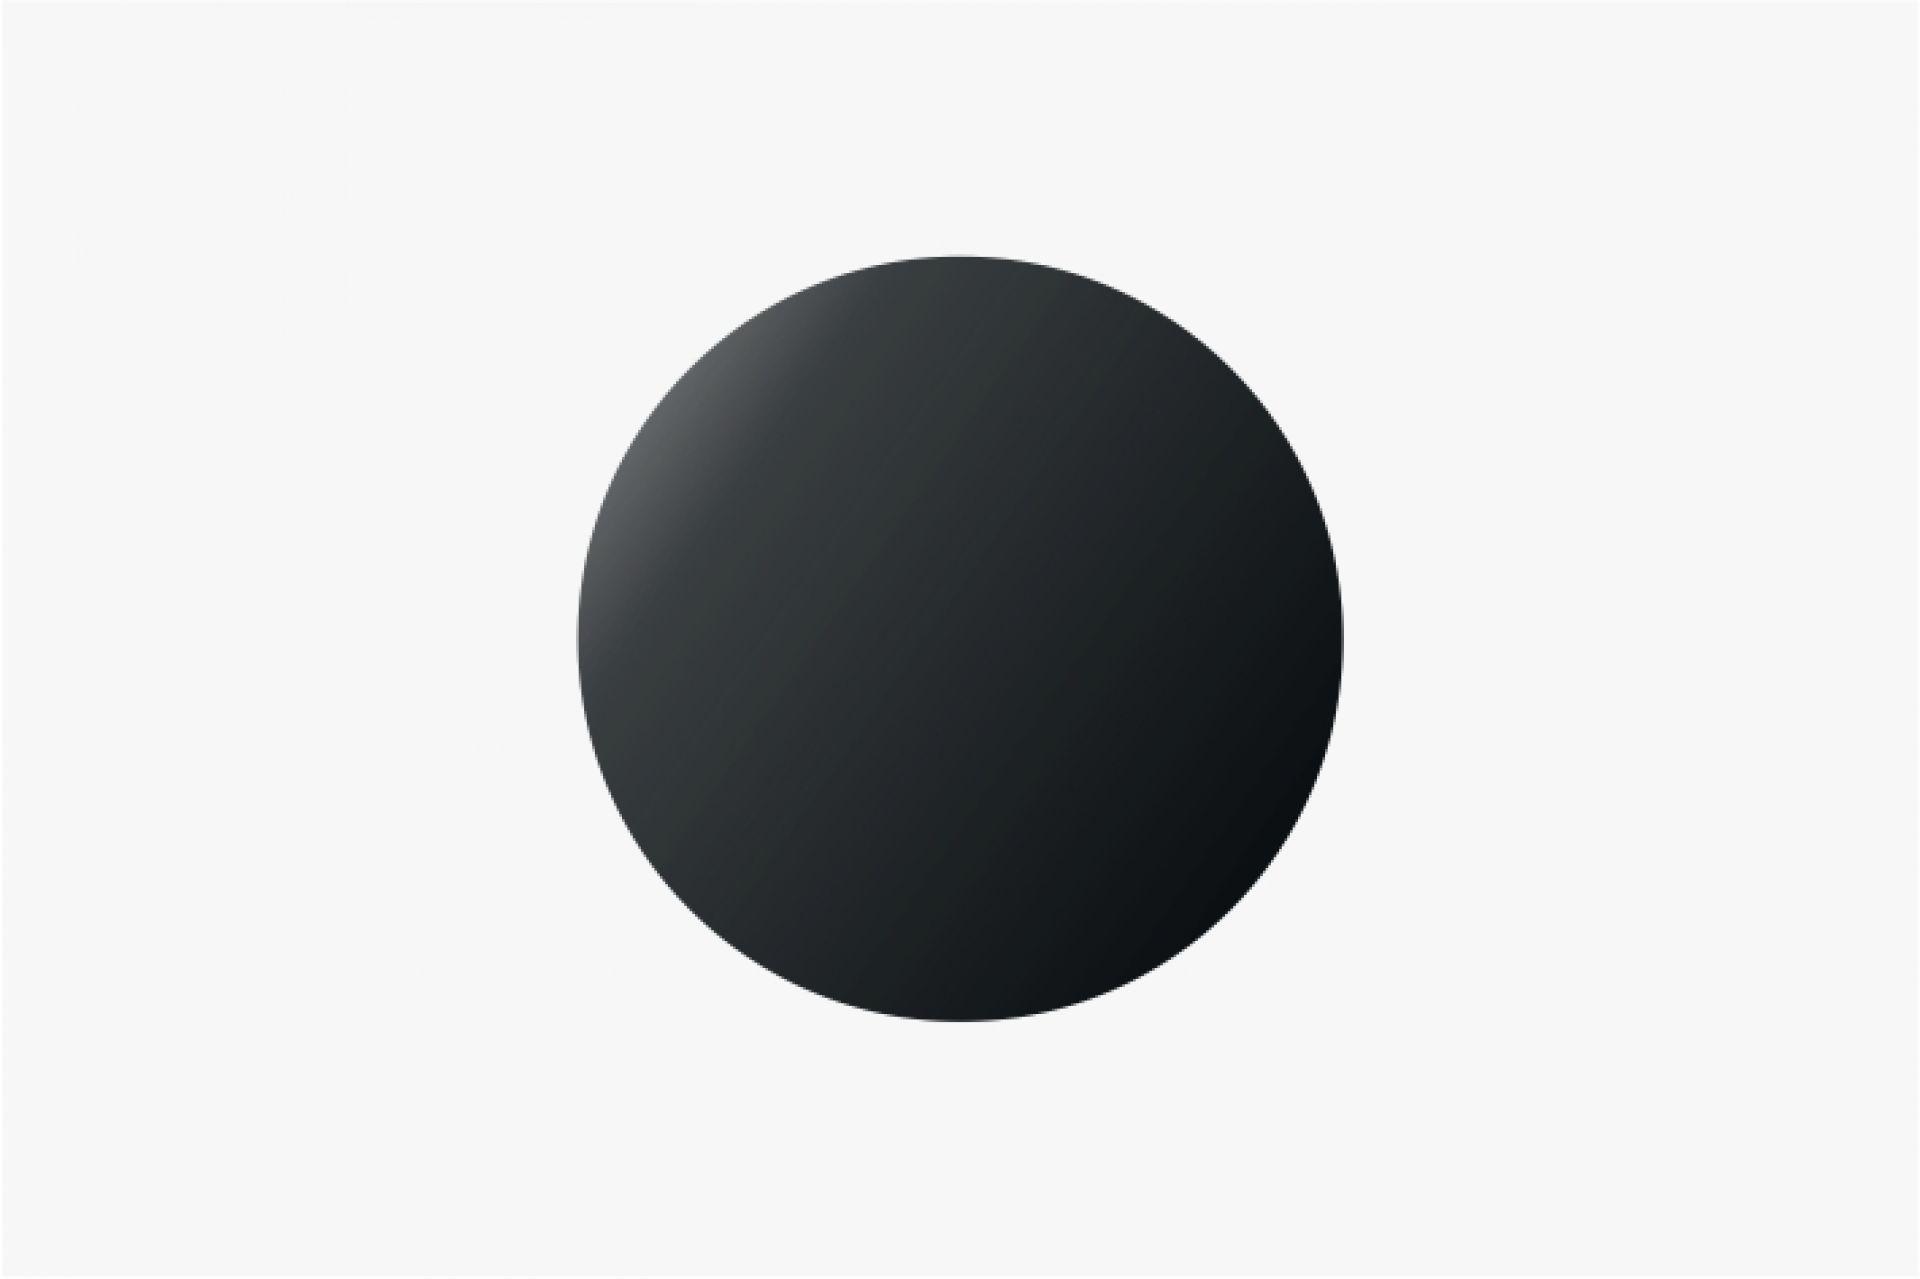 SLG-02 BLACK